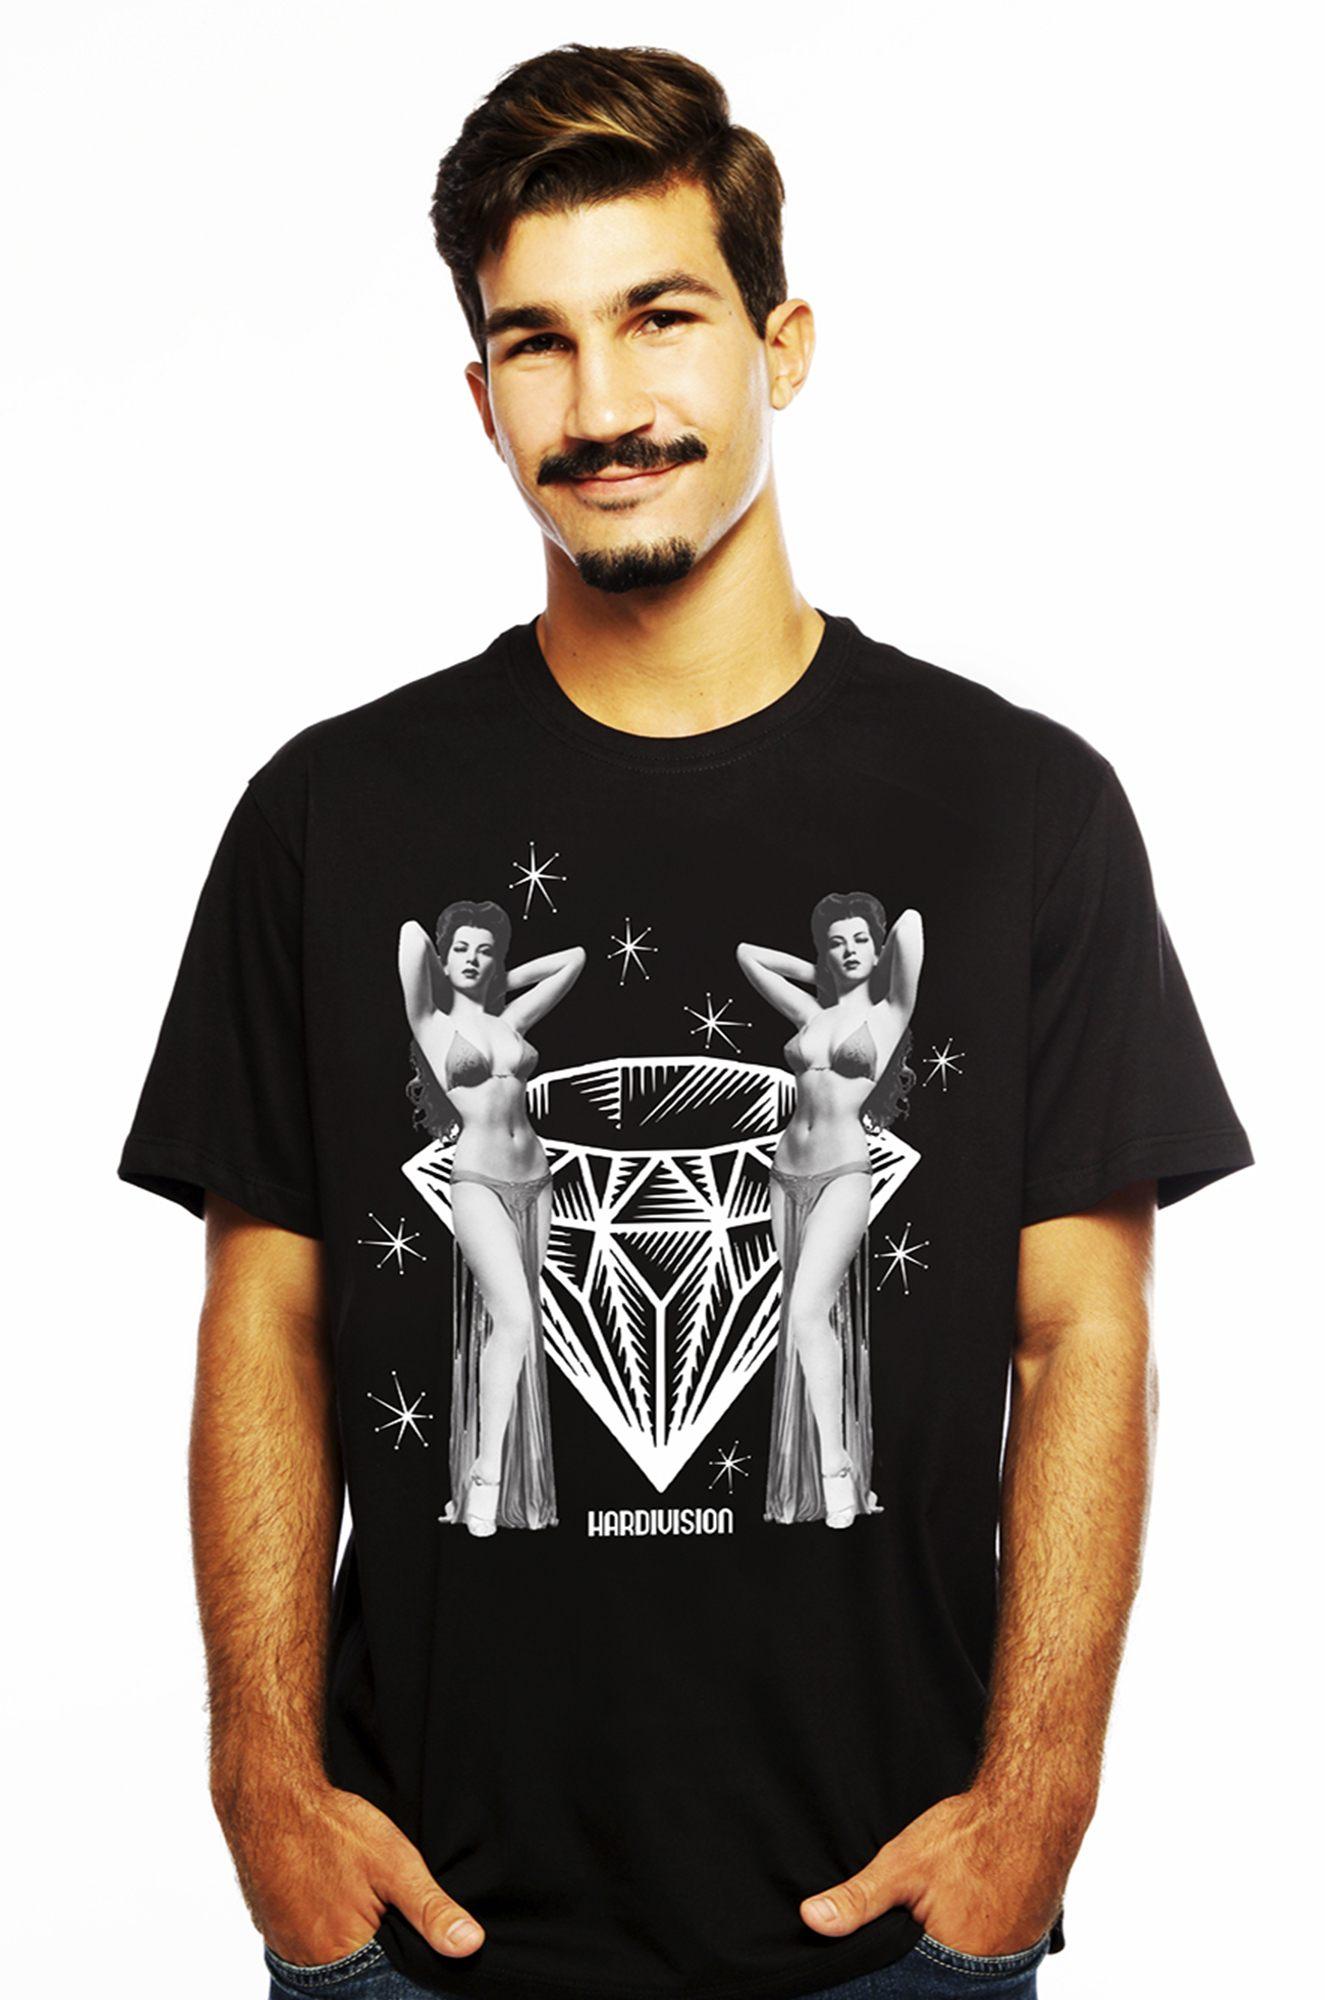 Camiseta Hardivision Burlesque Manga Curta Preto